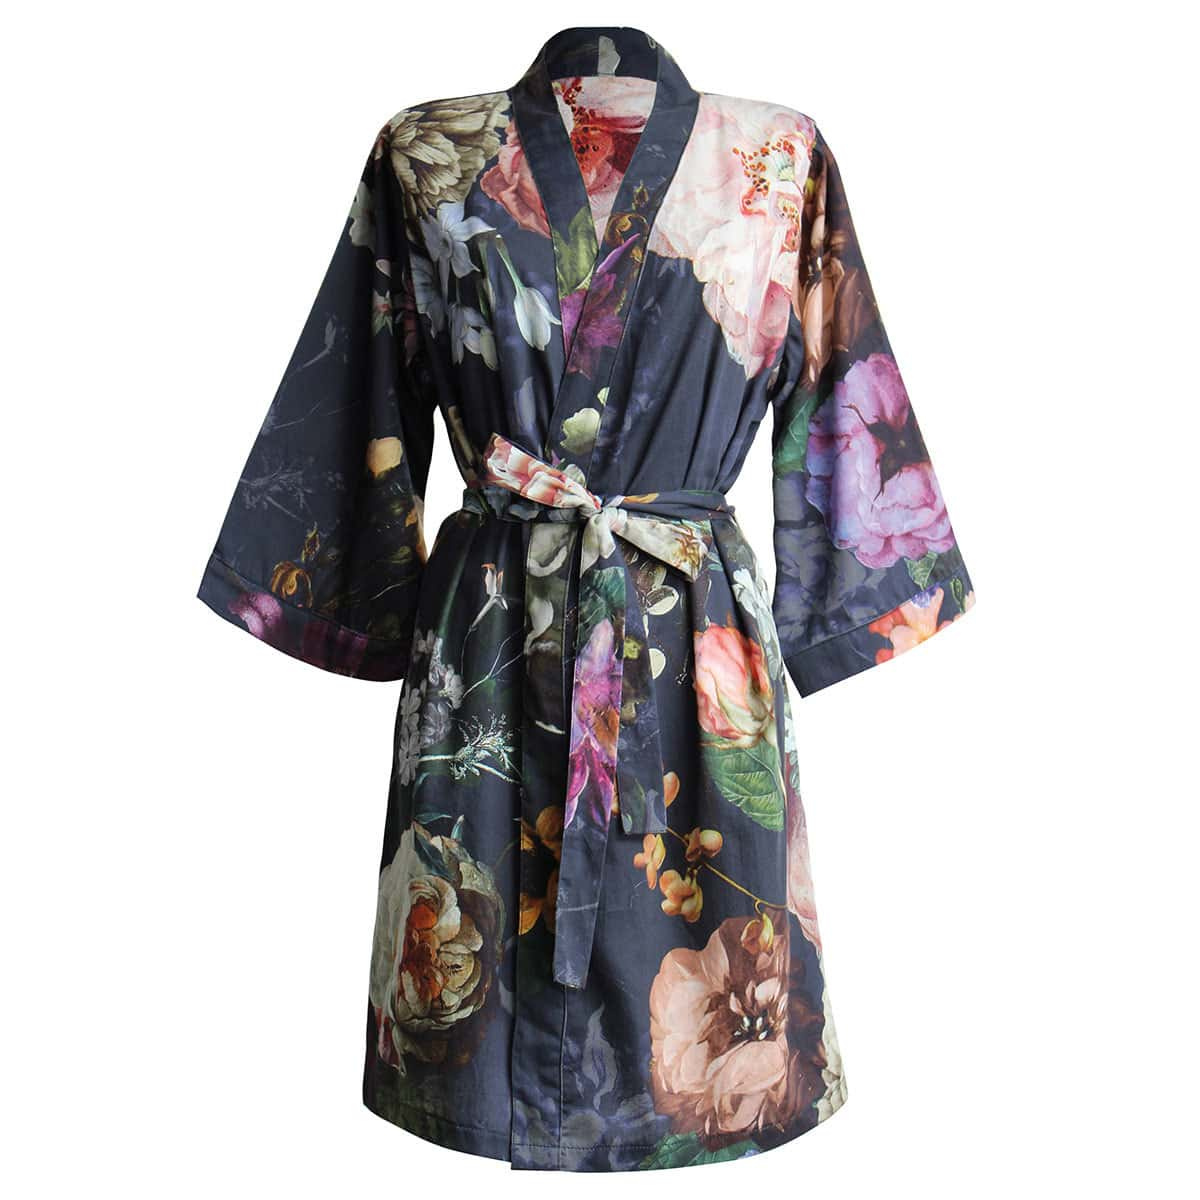 essenza damen bademantel kimono fleur nightblue g nstig online kaufen bei bettwaren shop. Black Bedroom Furniture Sets. Home Design Ideas